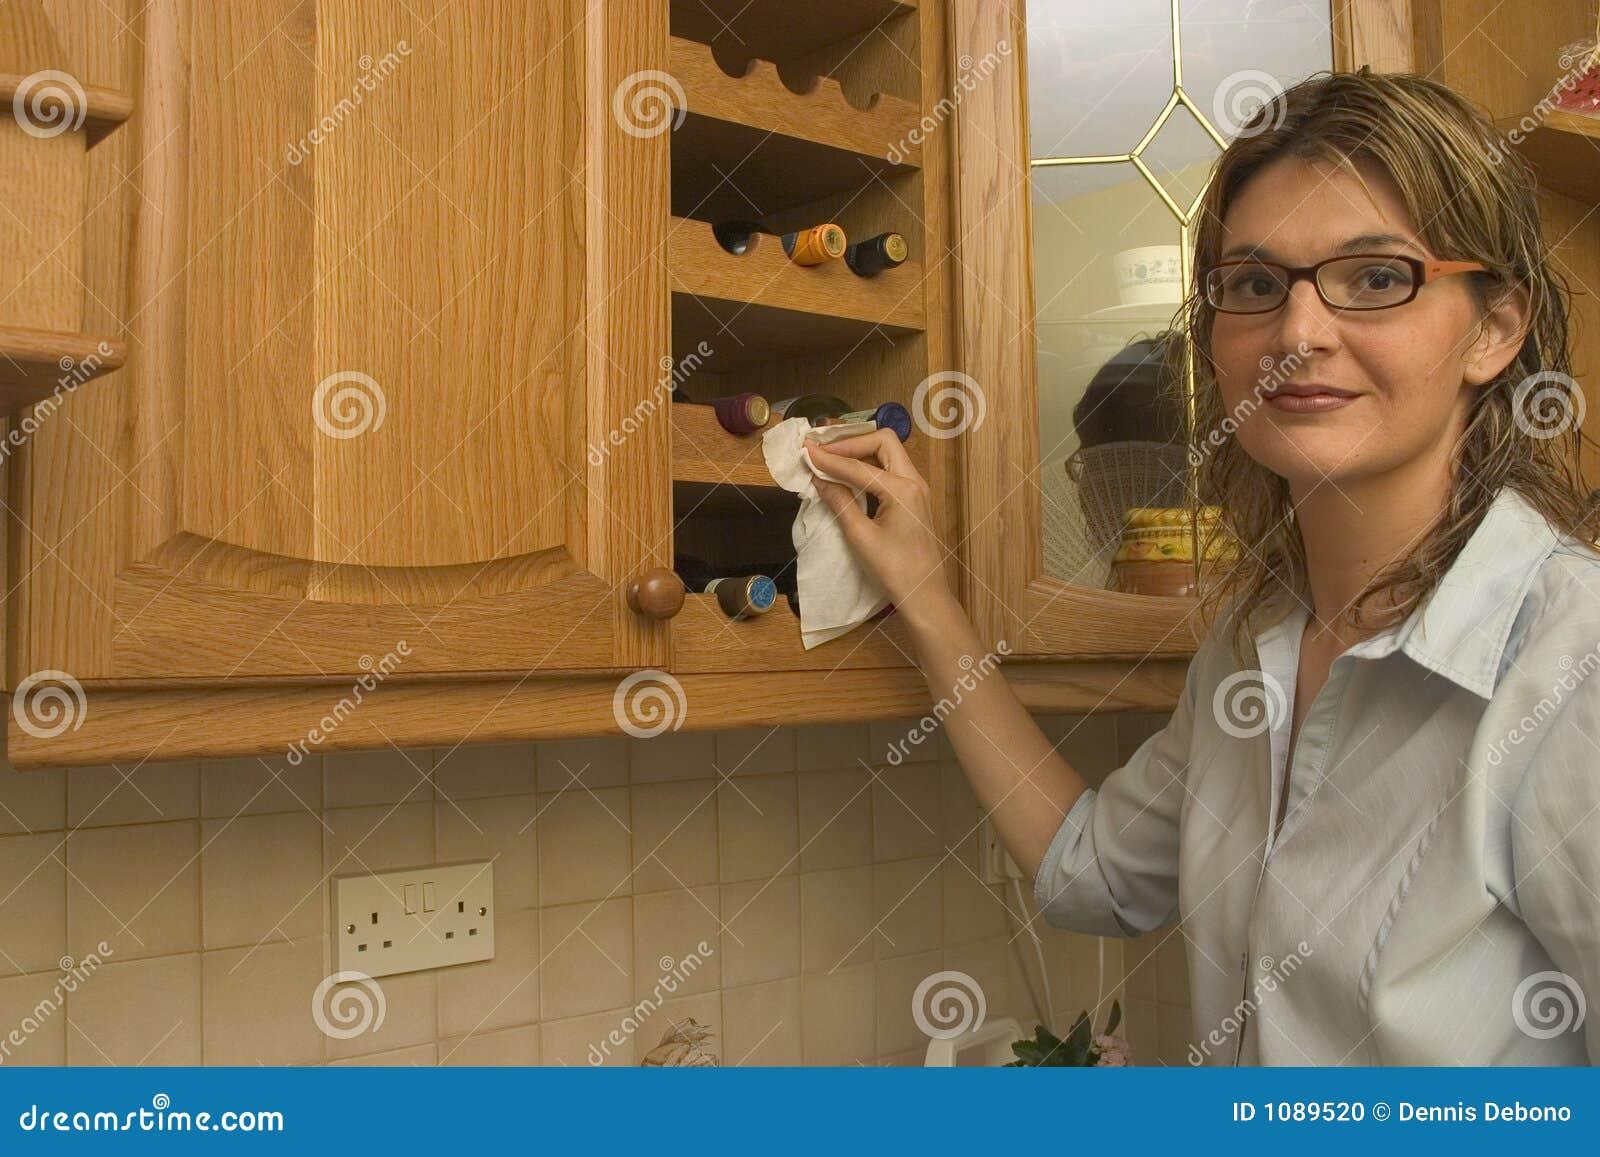 Limpando a casa - cremalheira do vinho